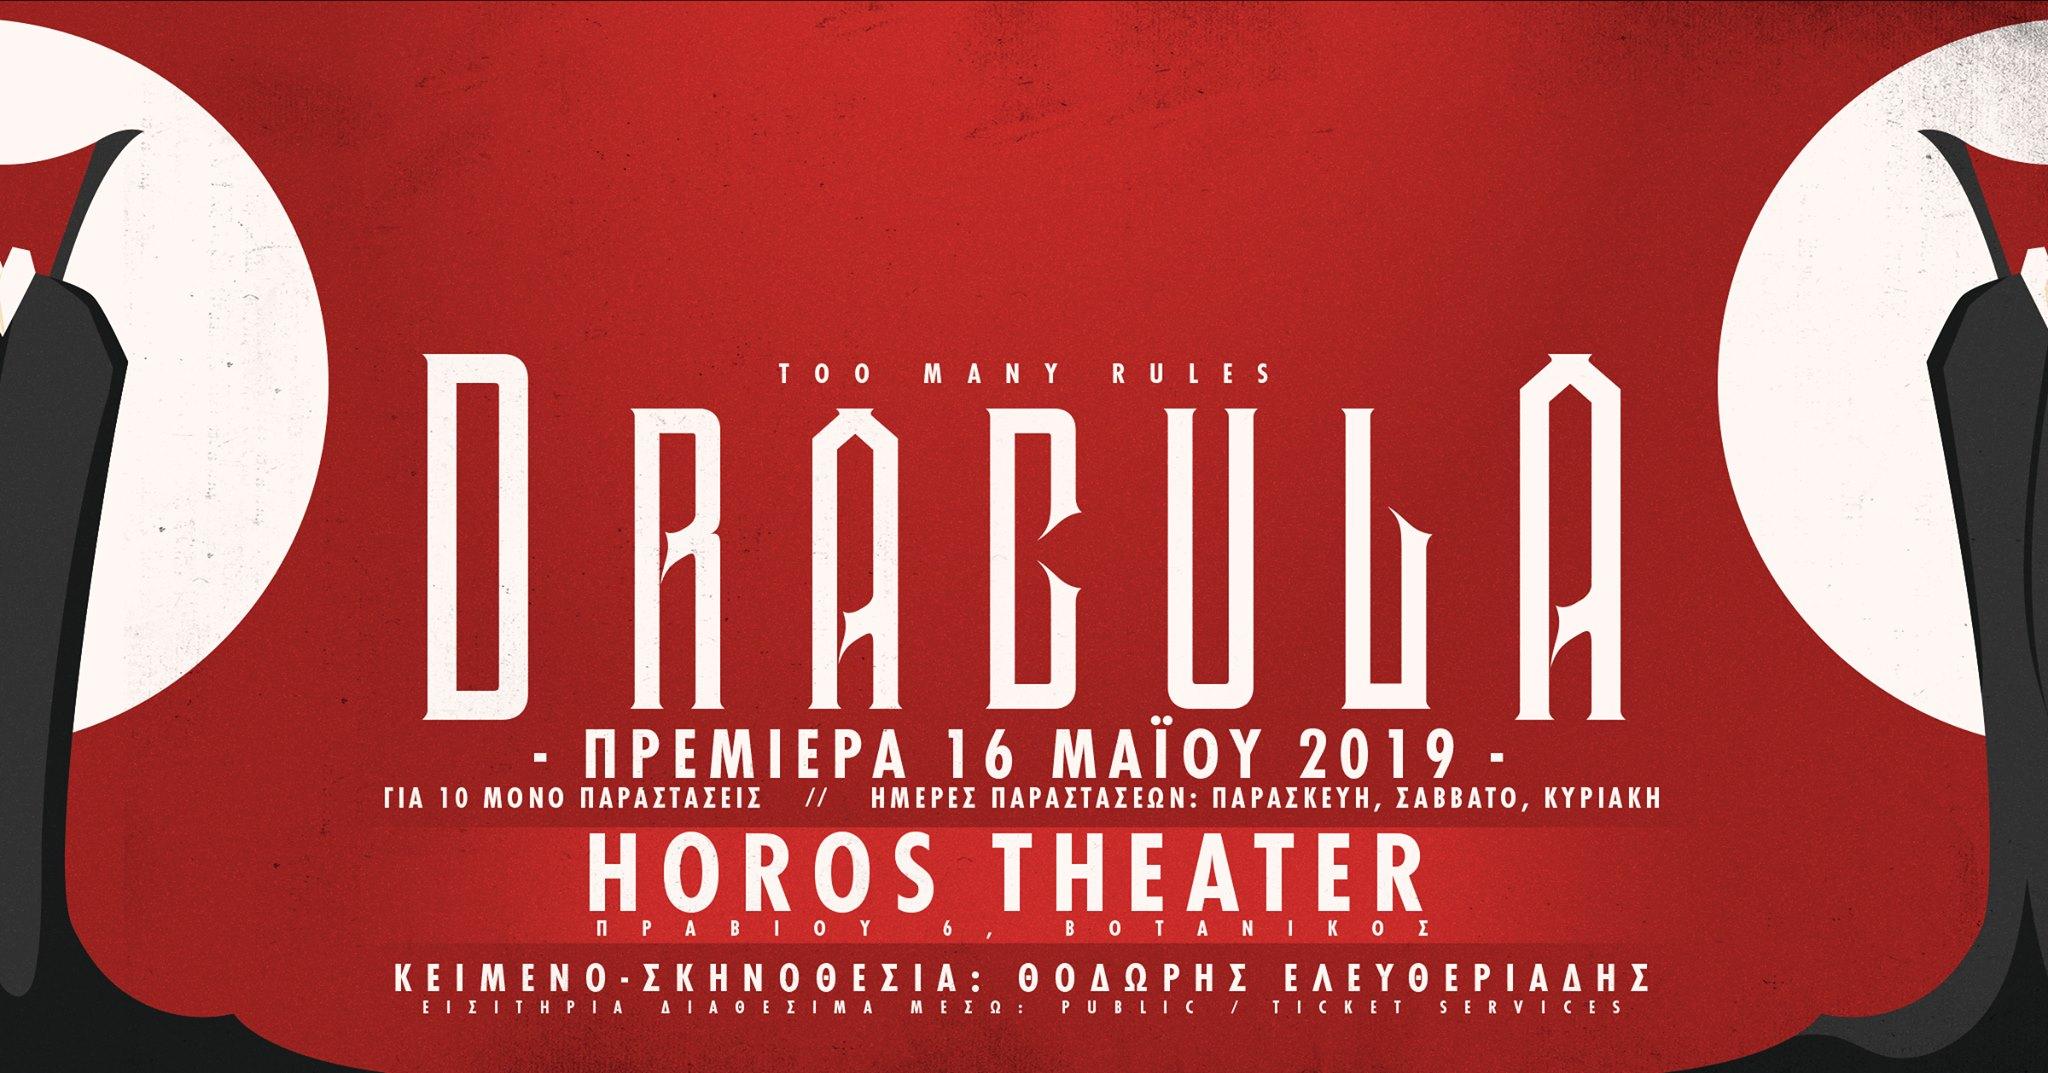 Θέατρο: Dracula